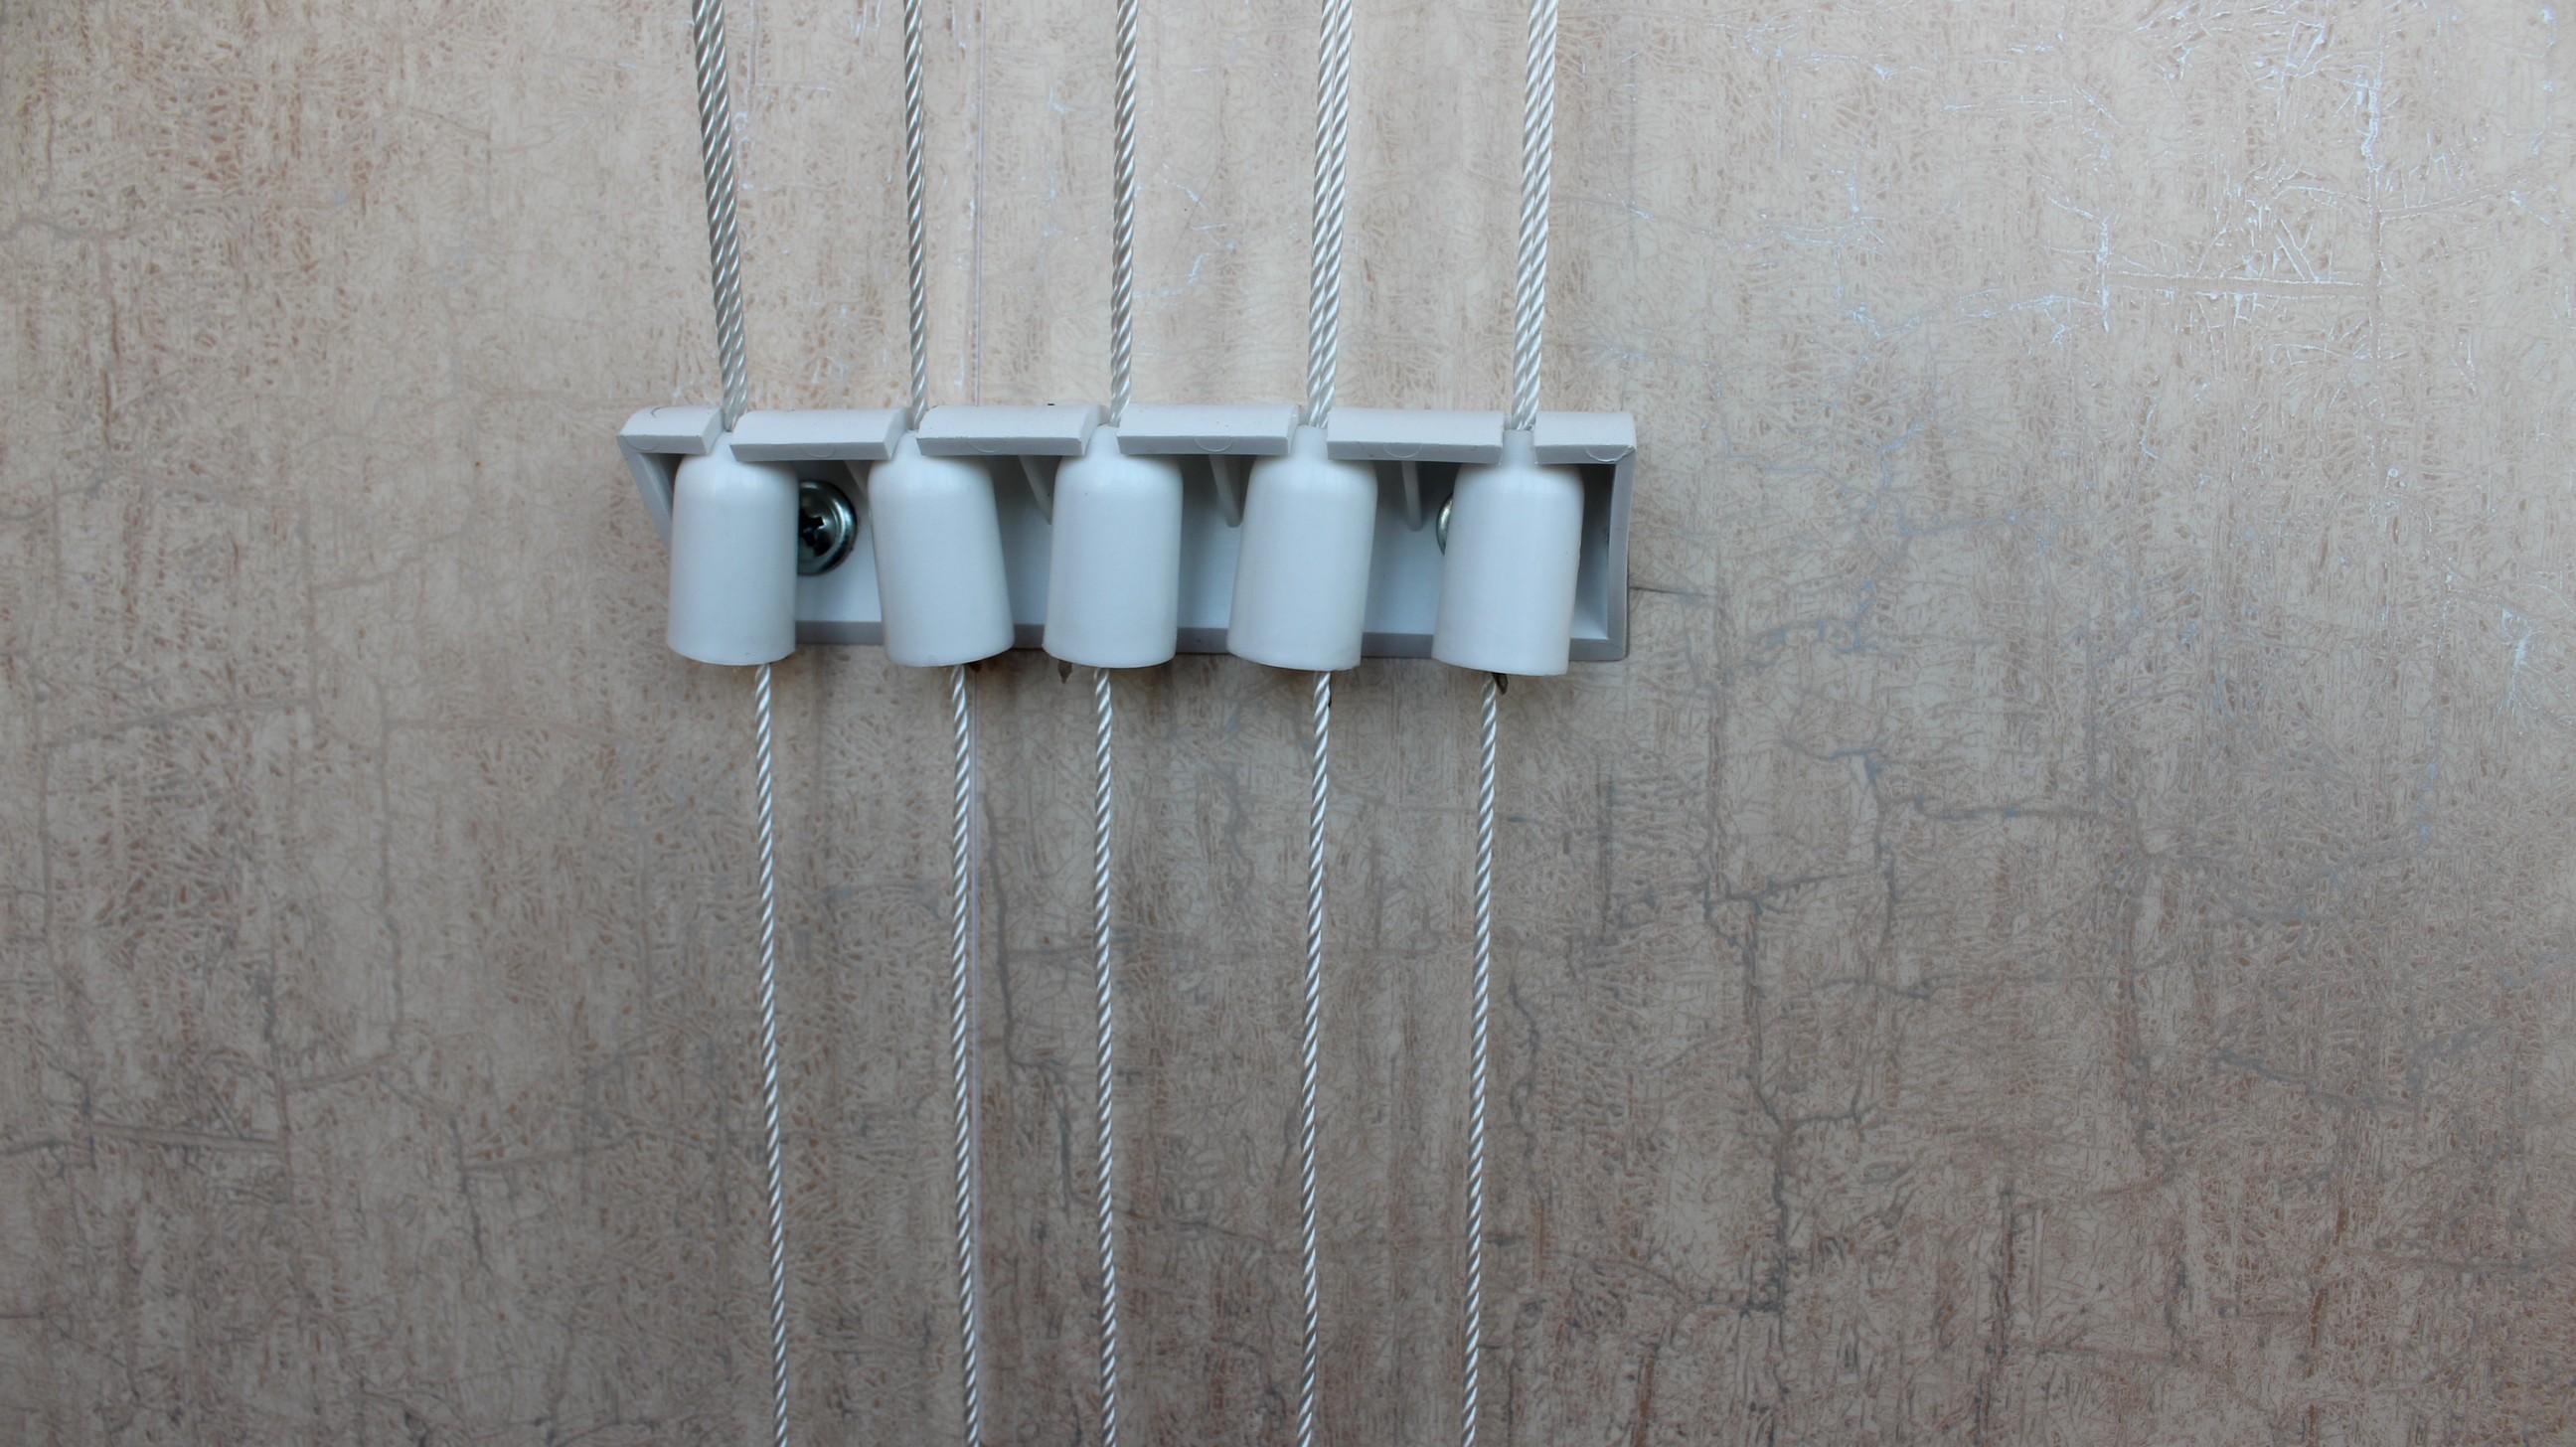 Потолочная сушилка для белья Лифт 14.jpg